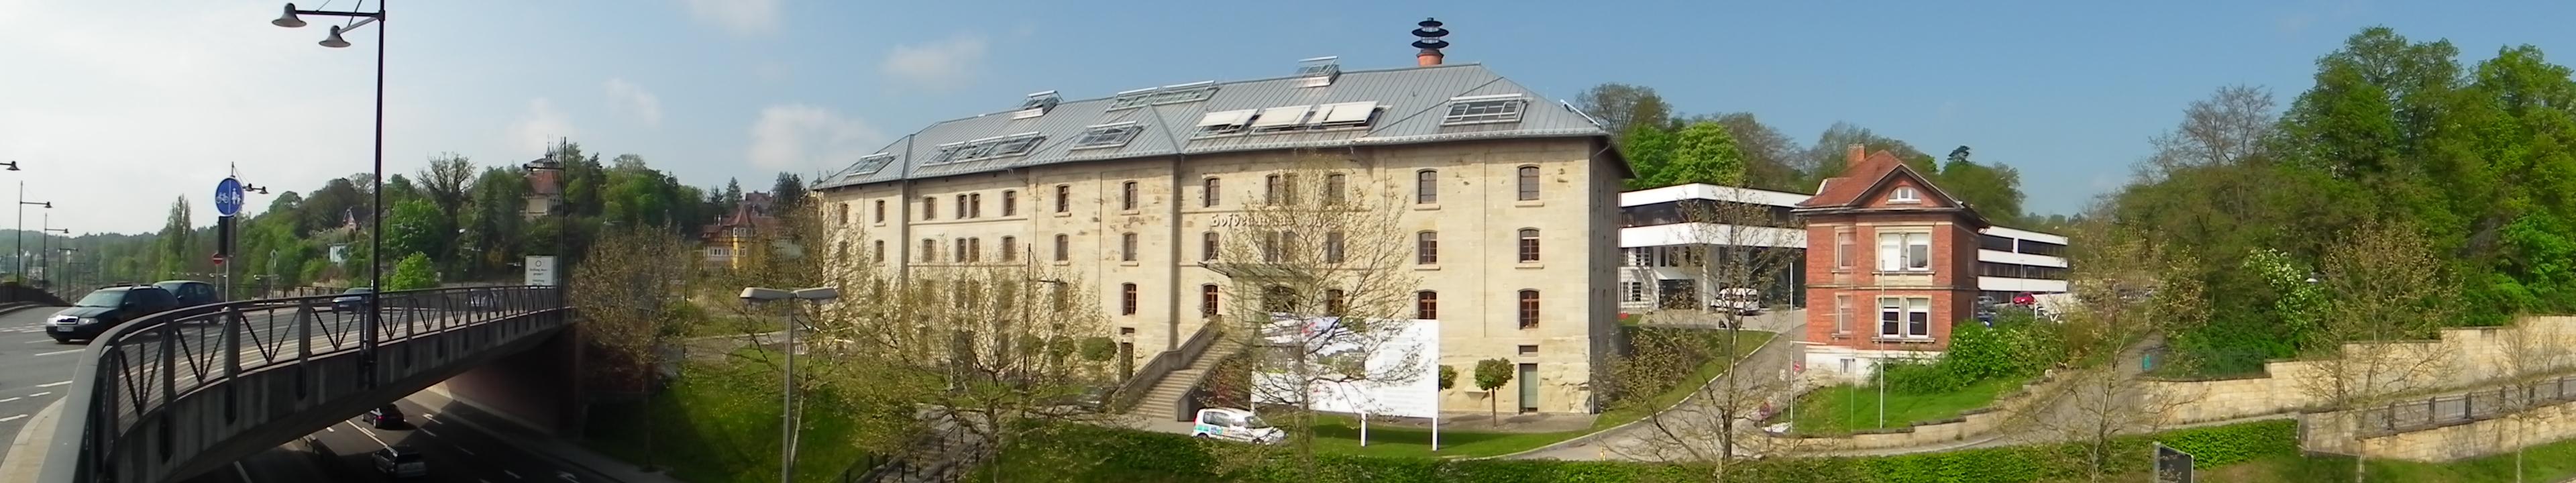 Innenarchitektur coburg coburg bund deutscher for Innenarchitektur studium frankfurt